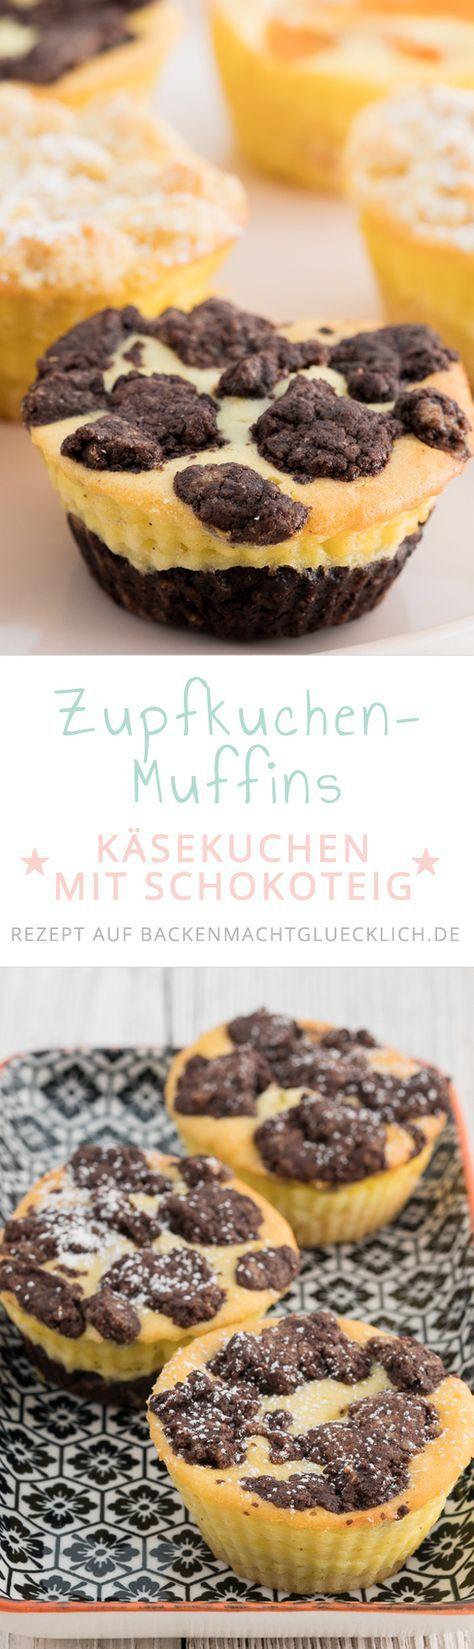 Grundrezept für schnelle Zupfkuchen-Muffins mit Streuseln. Schokoladig, knusprig, cremig und soo lecker! (Breakfast Cake)